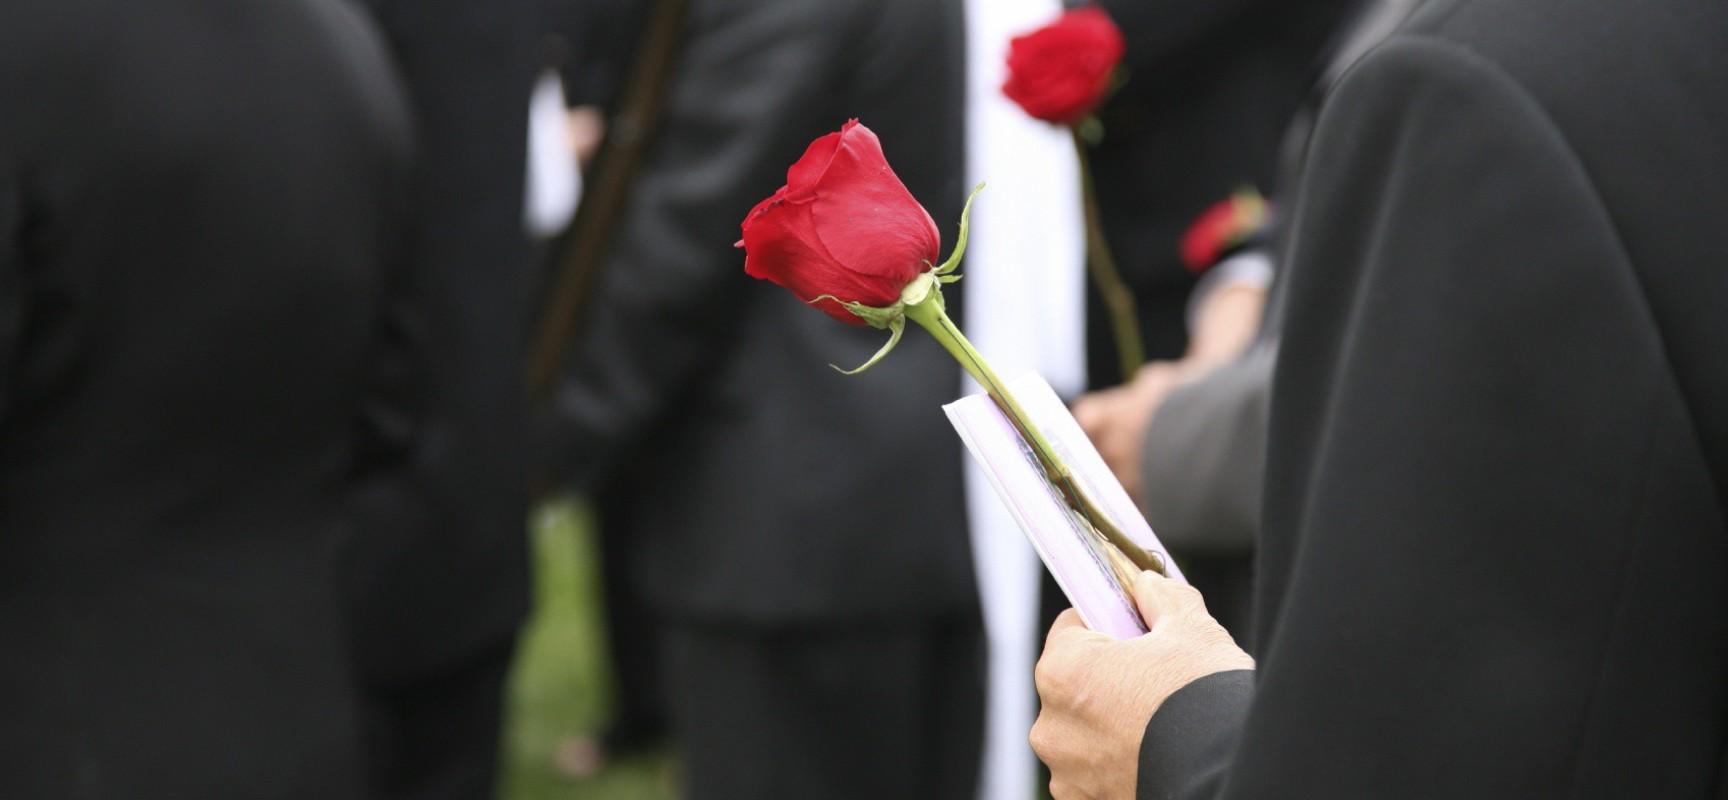 Отпуск, в связи со смертью близкого родственника, Трудовой кодекс